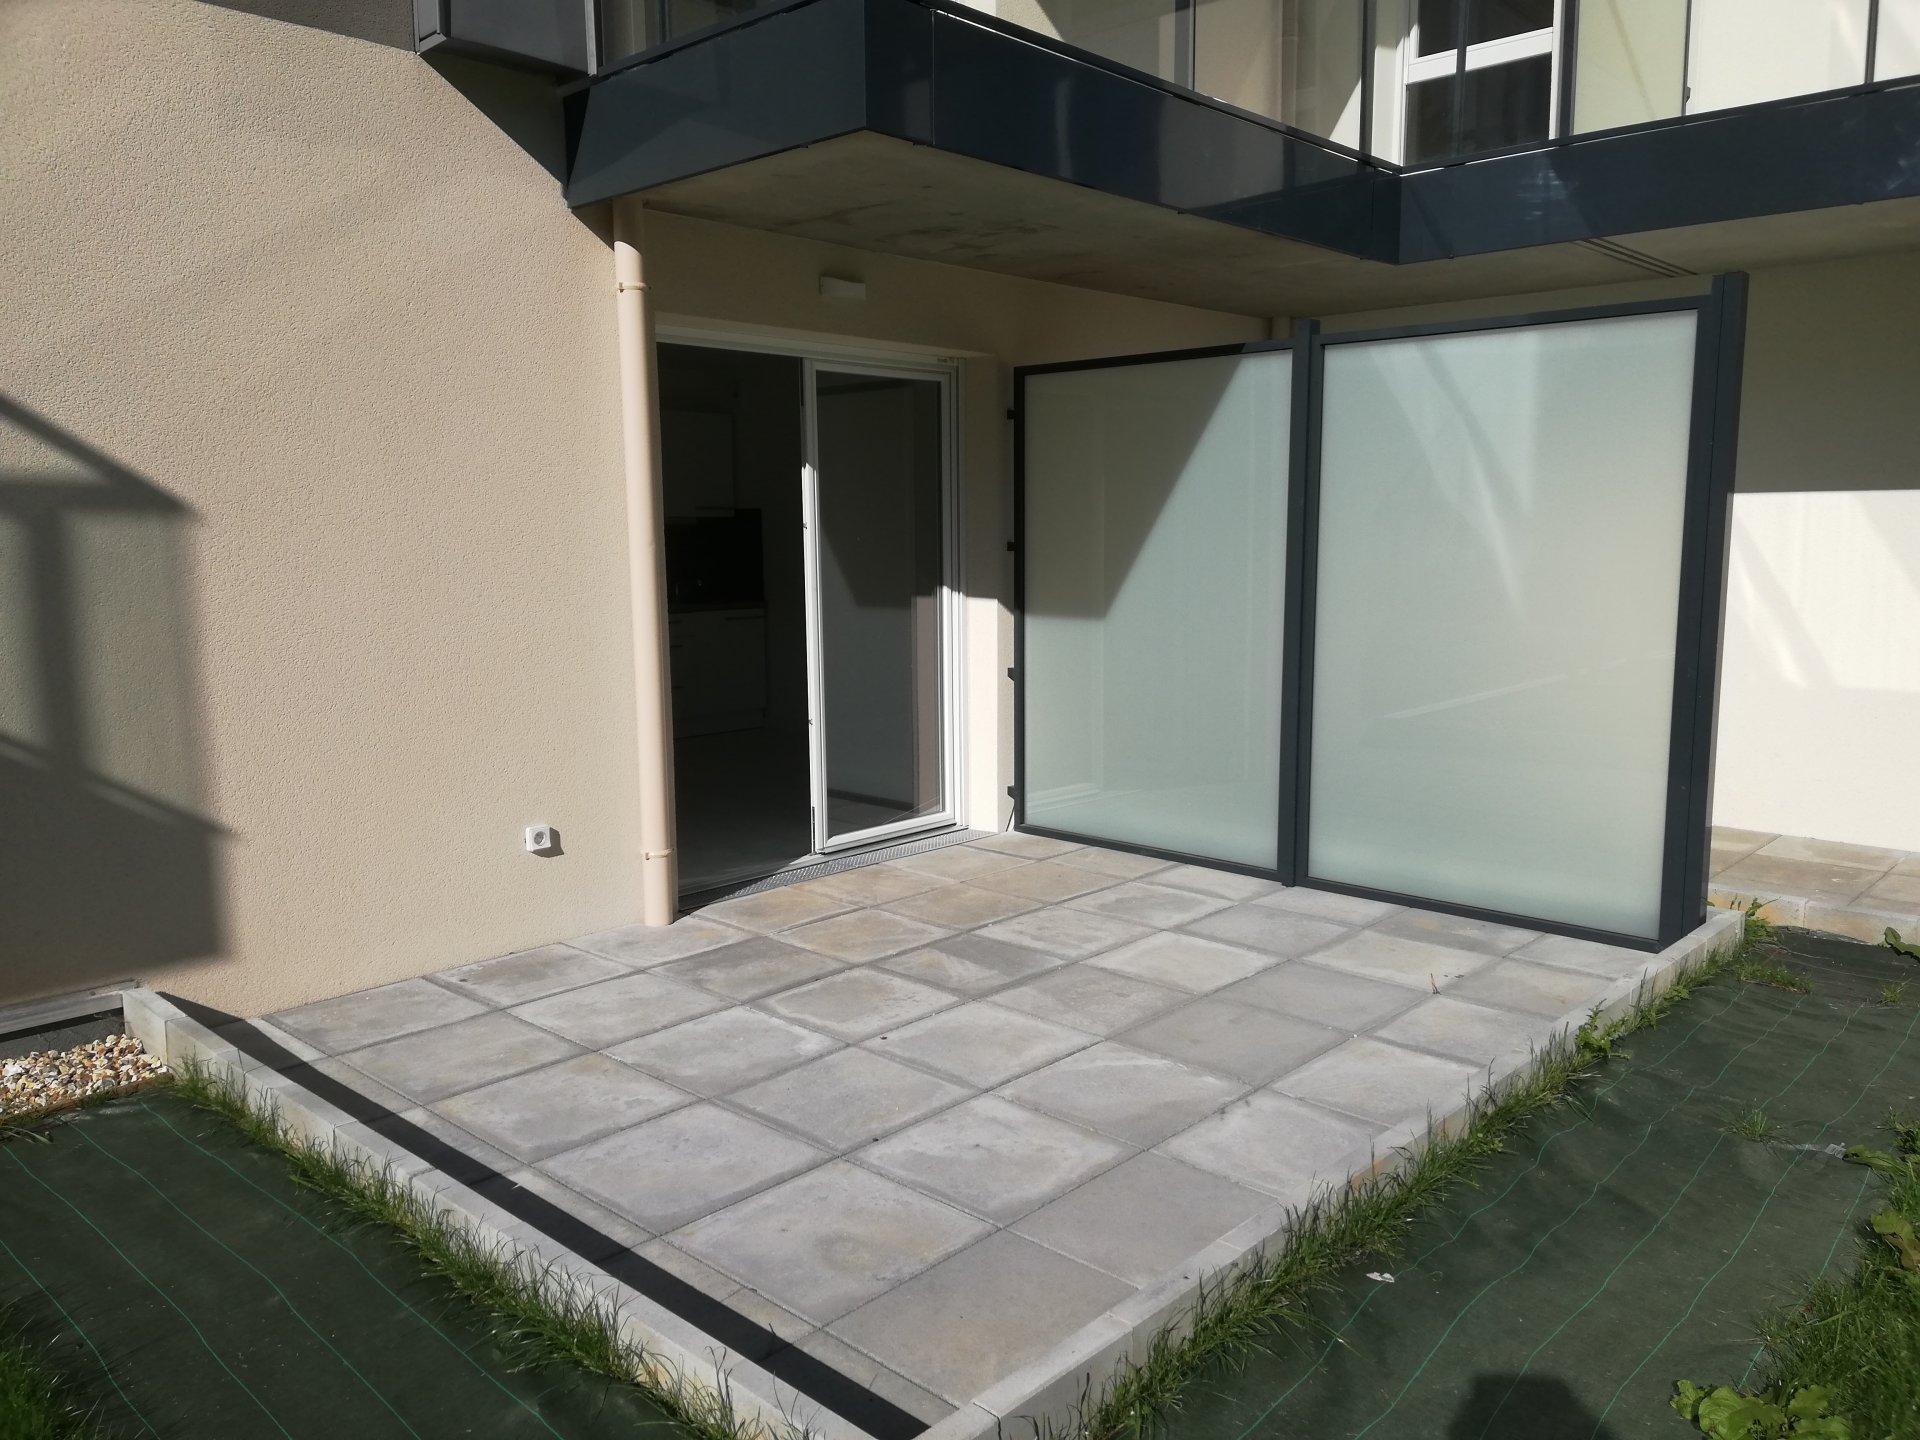 T3 NEUF avec terrasse - quartier Saint Antoine BOIS-GUILLAUME